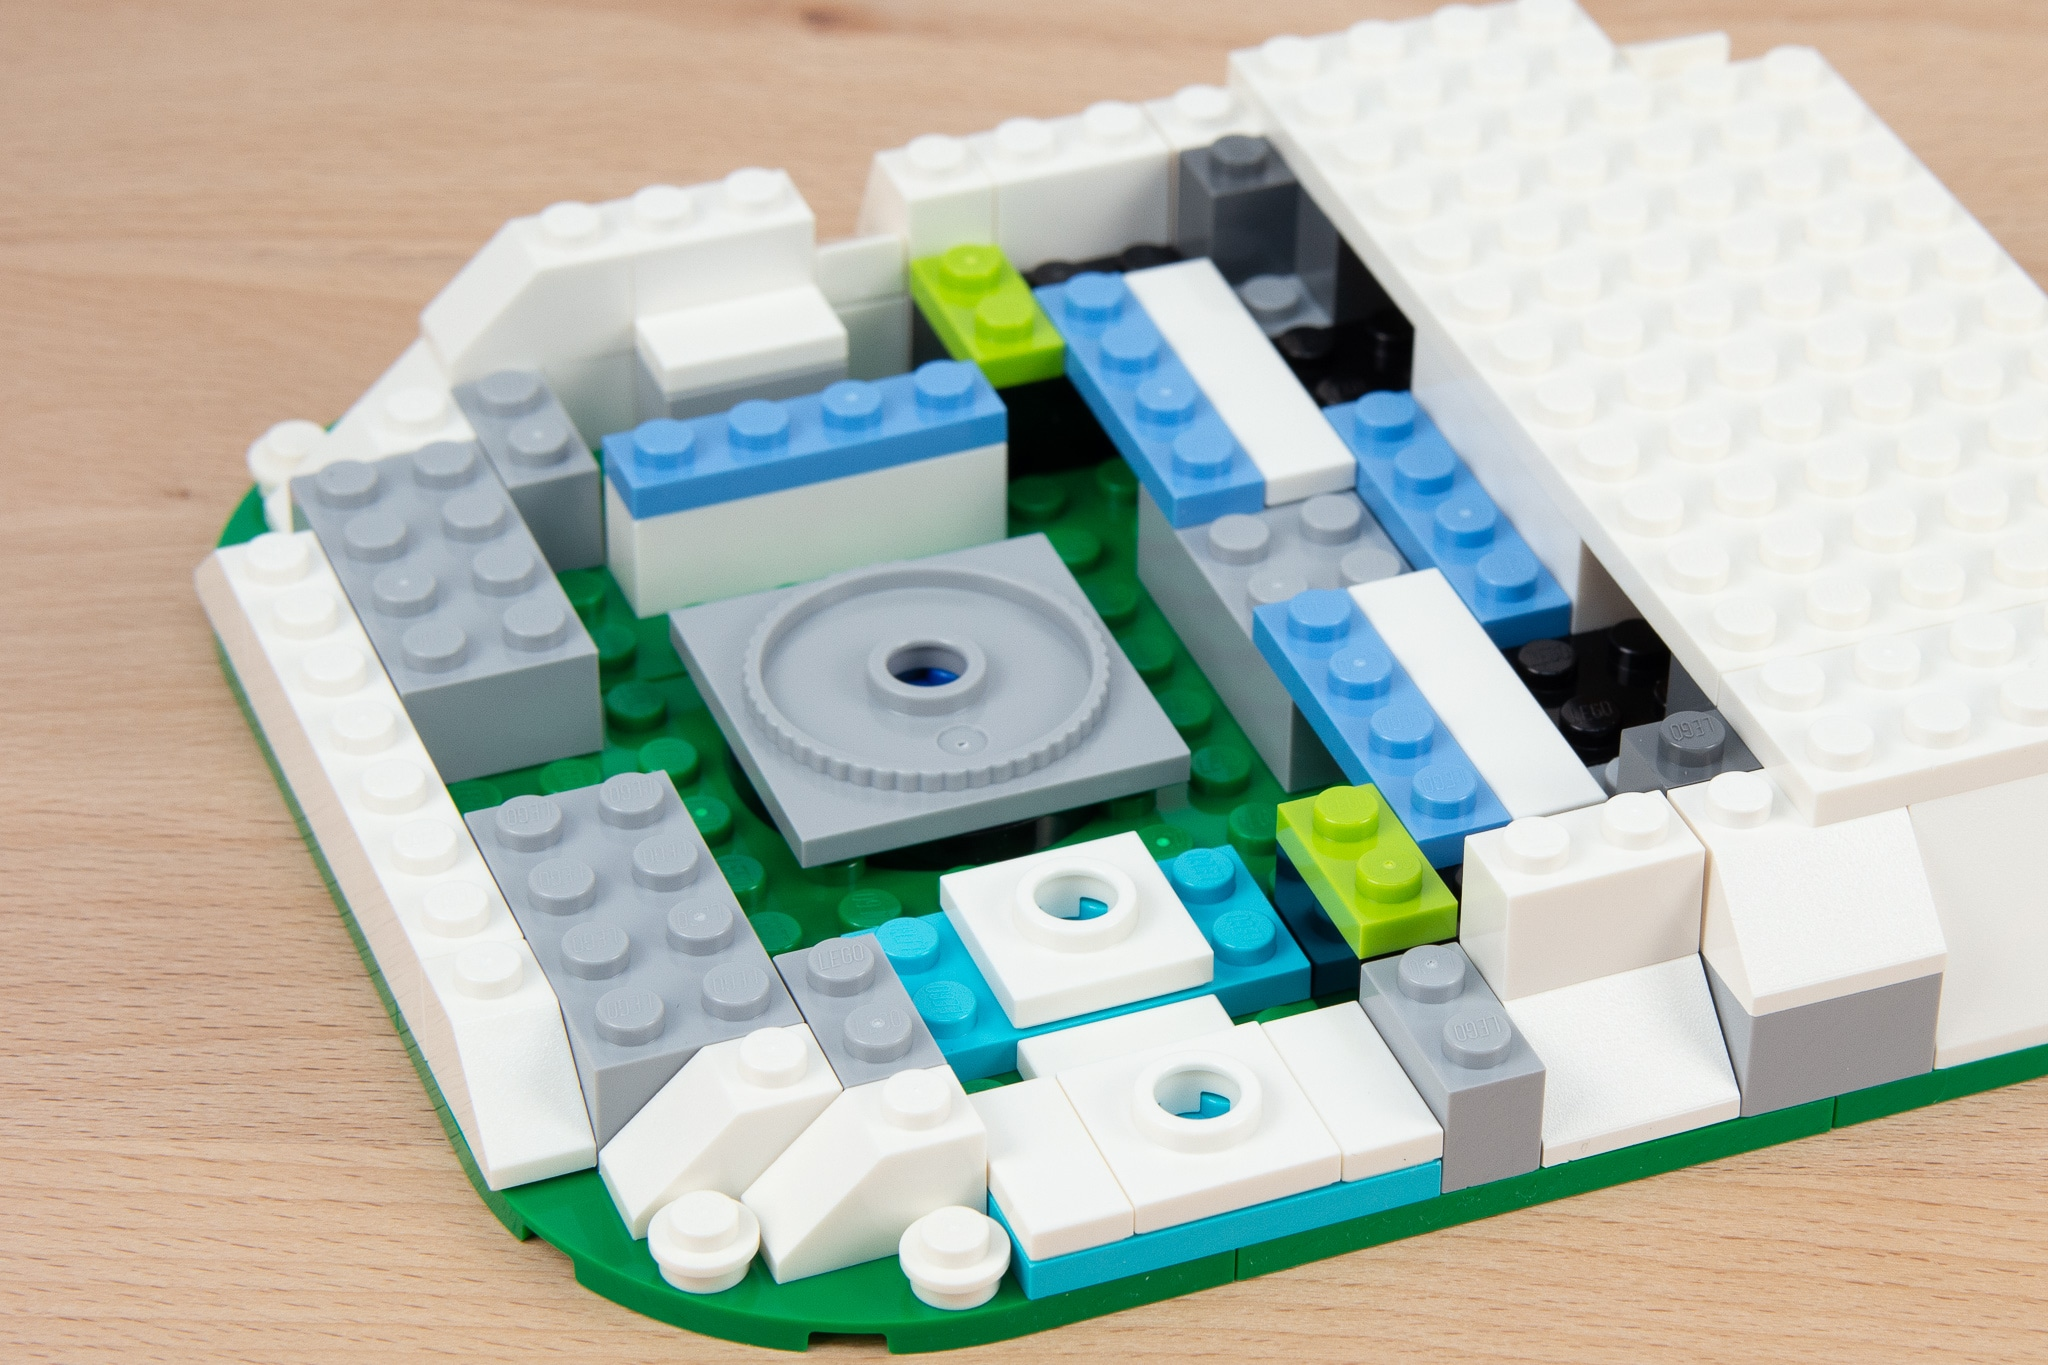 LEGO 40416 Eislaufplatz Stonewars Review (8)